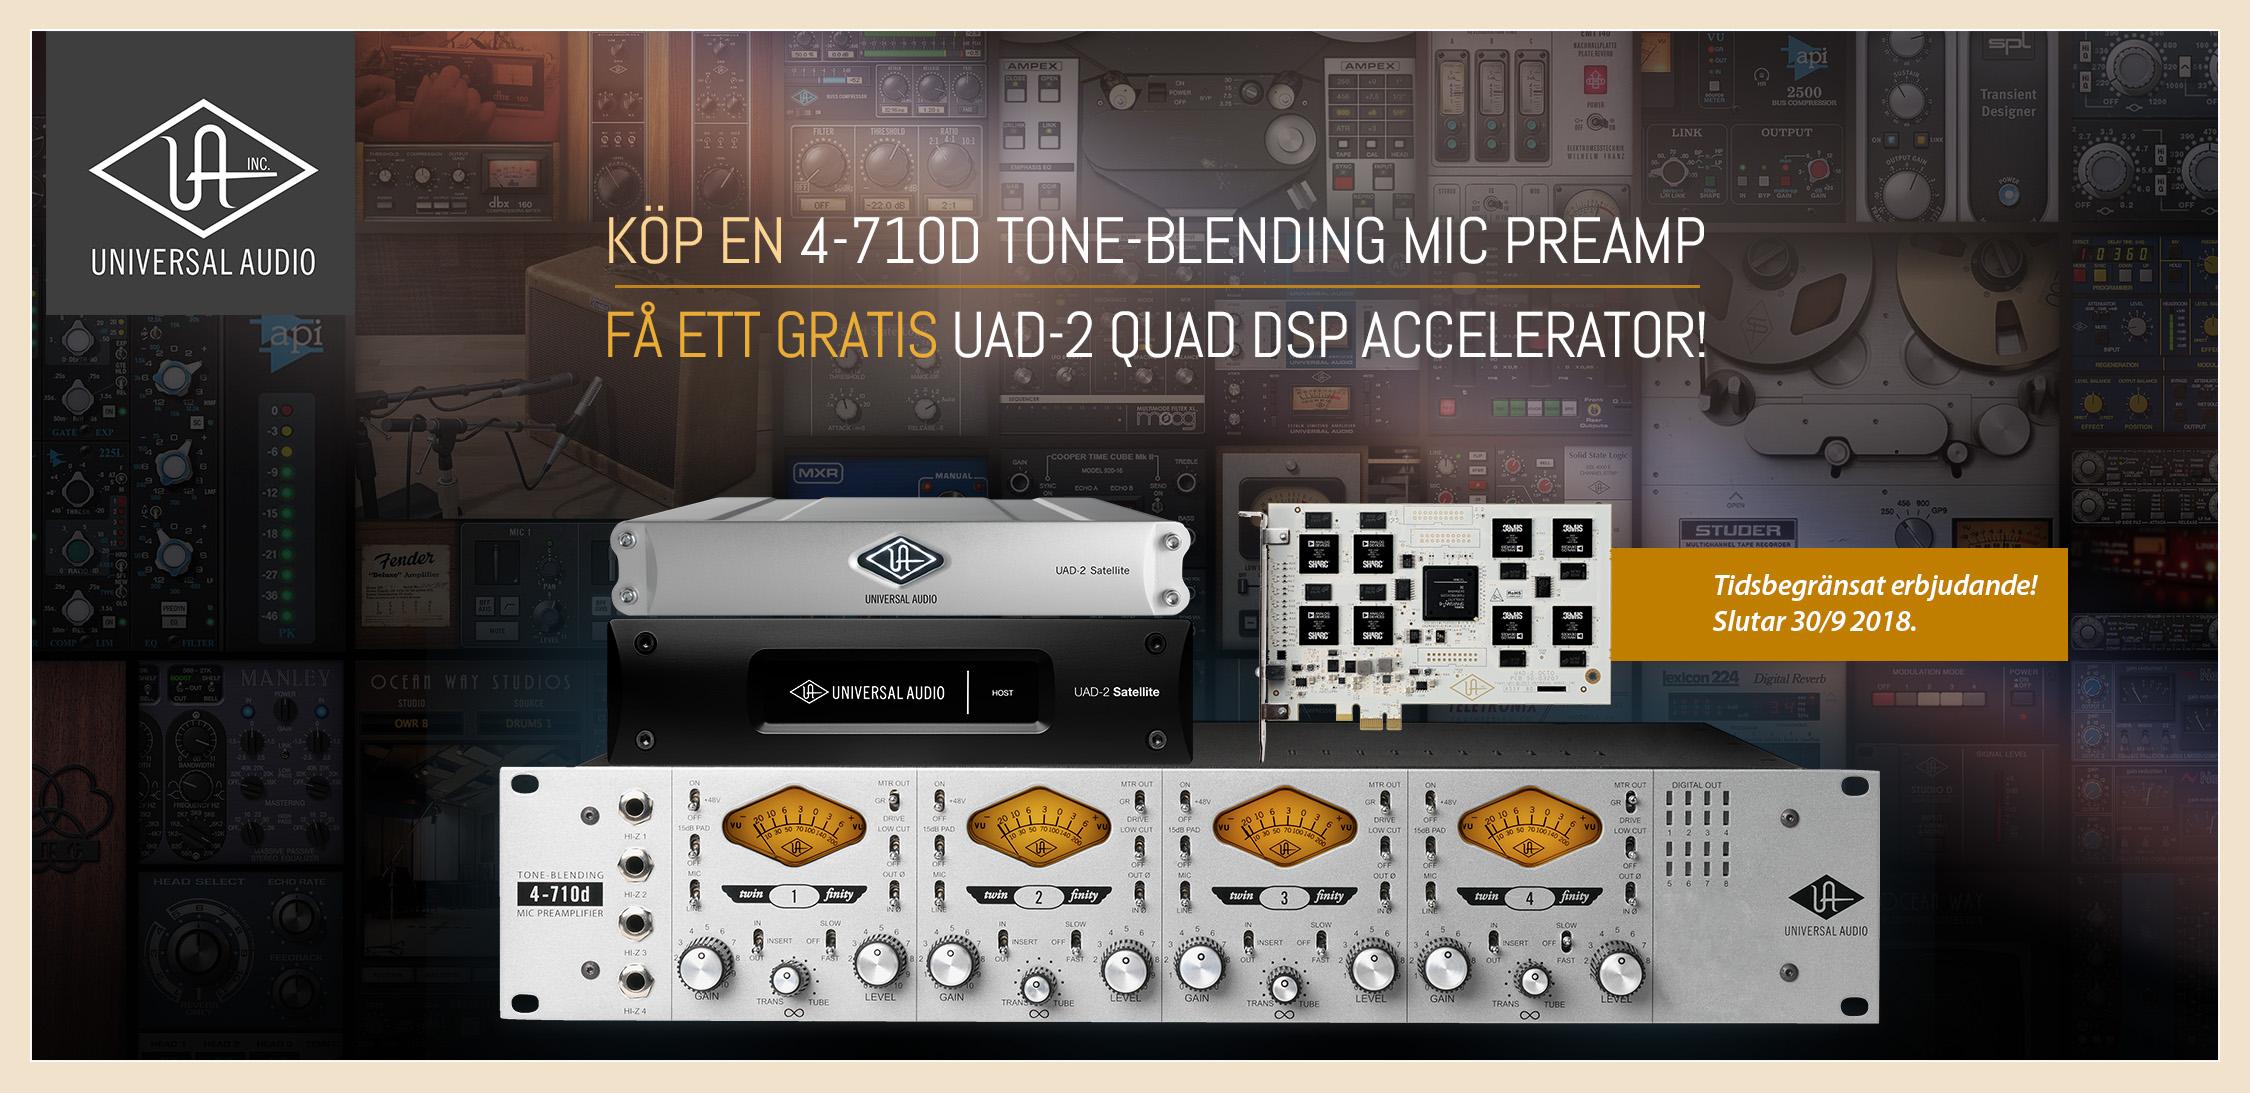 Universal Audio kampanj – Köp 4-710d mikrofonpreamp och få gratis UAD-2 QUAD